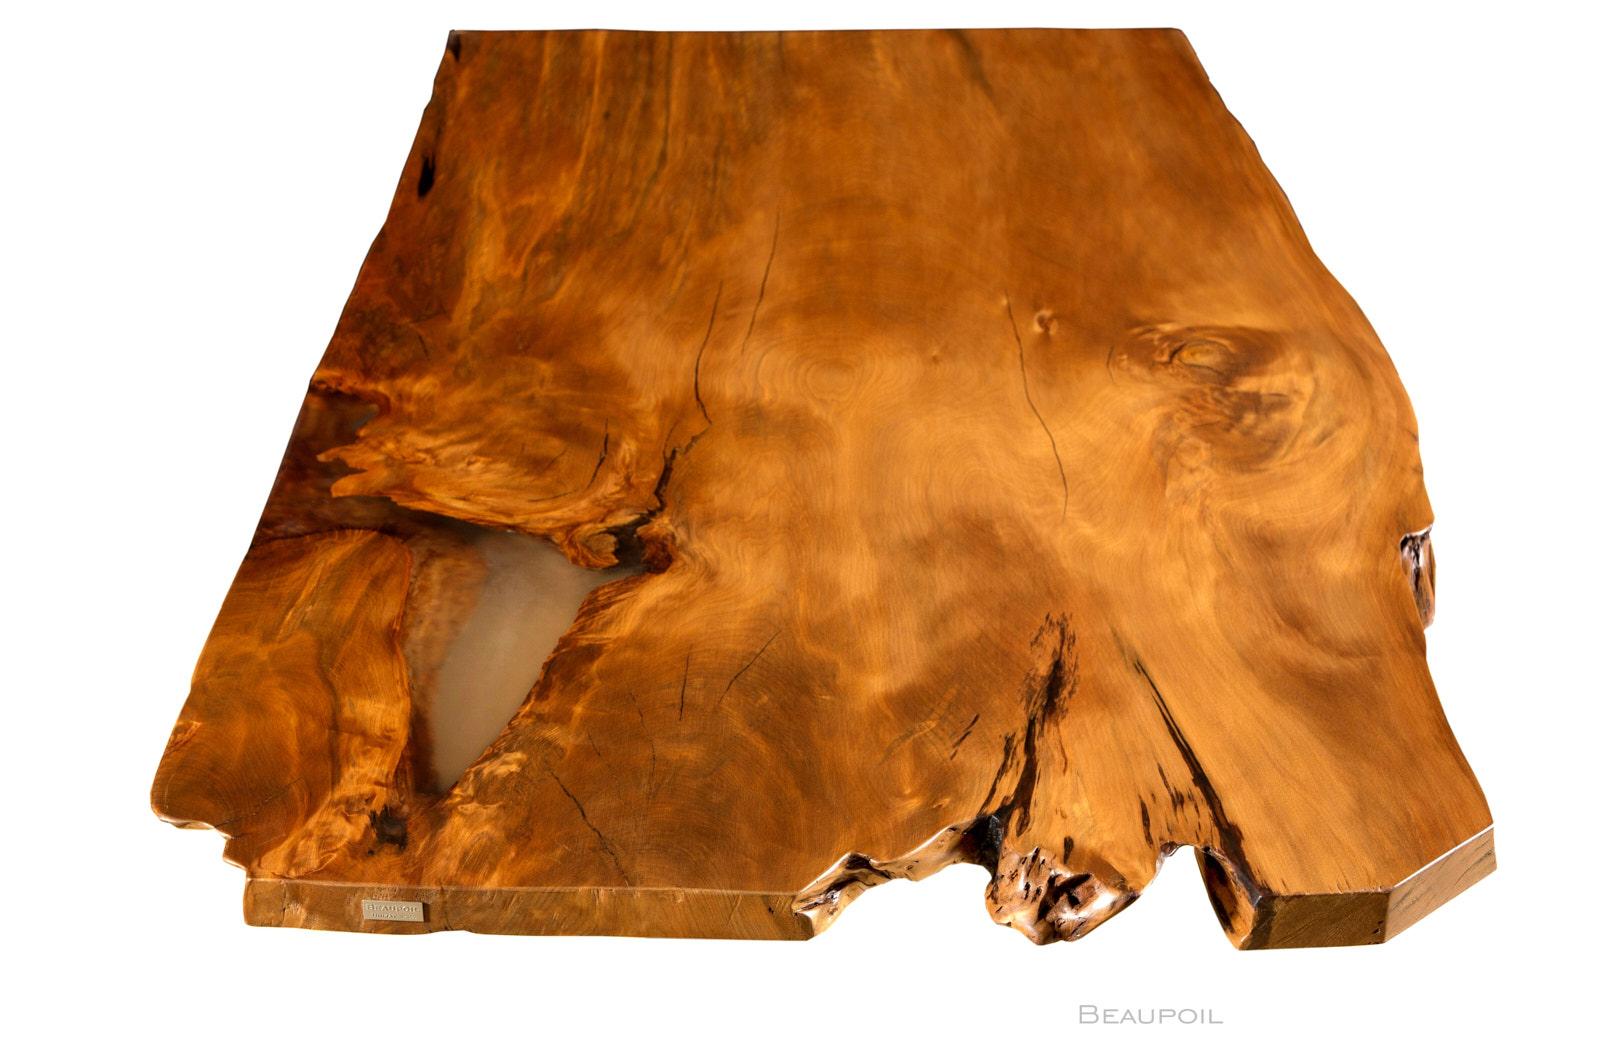 Großer Charaktertisch aus altem Kauri Holz mit archaische massive Tischplatte an einem Stück, Unikat Holztisch Esstisch mit durchleuchteter Tischplatte